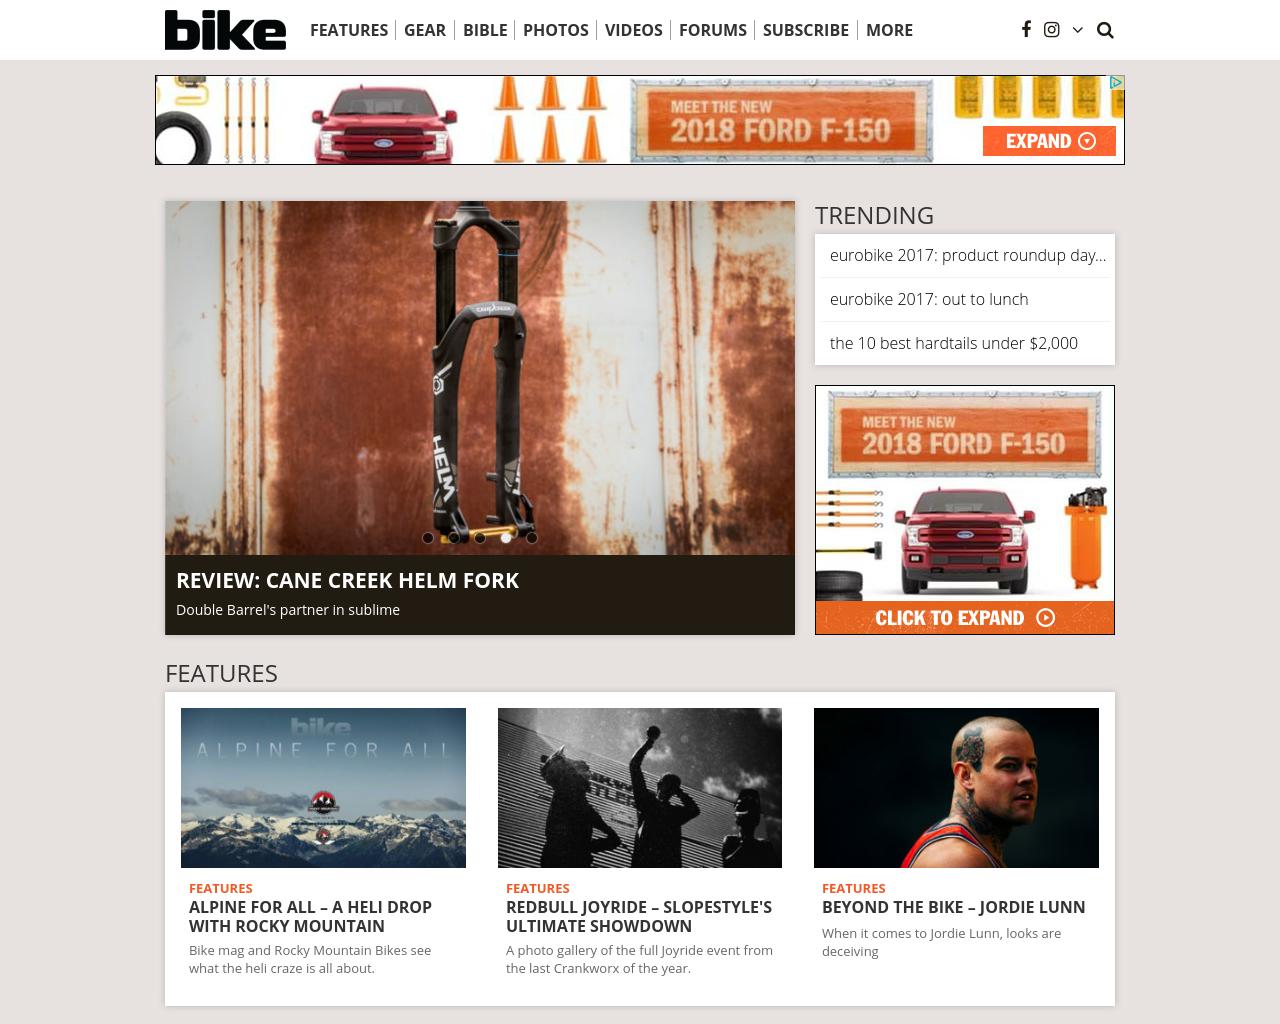 bike-Advertising-Reviews-Pricing